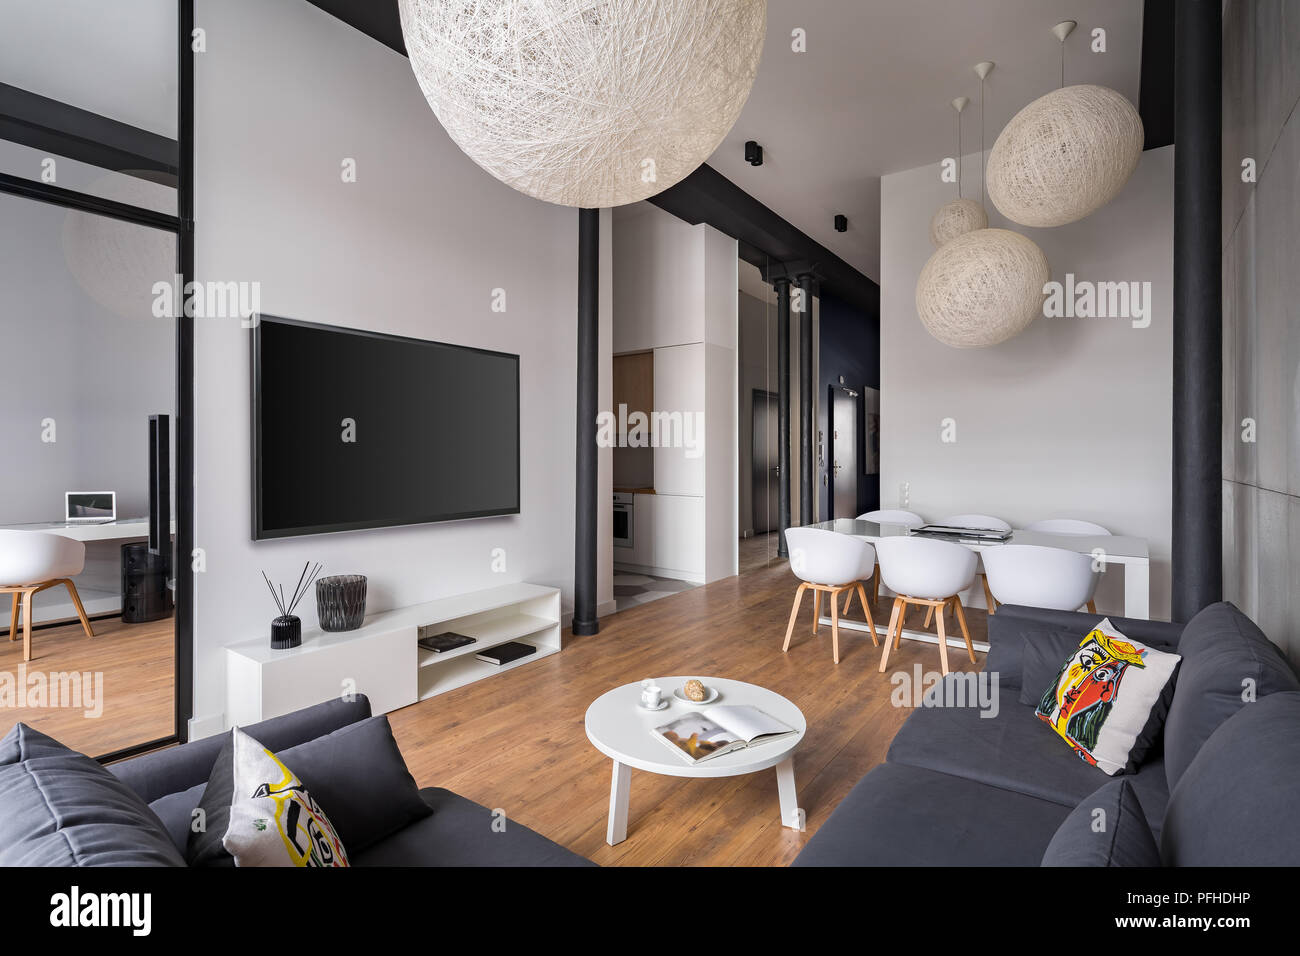 Elegante soggiorno con sfera paralumi e grigio divano ad angolo